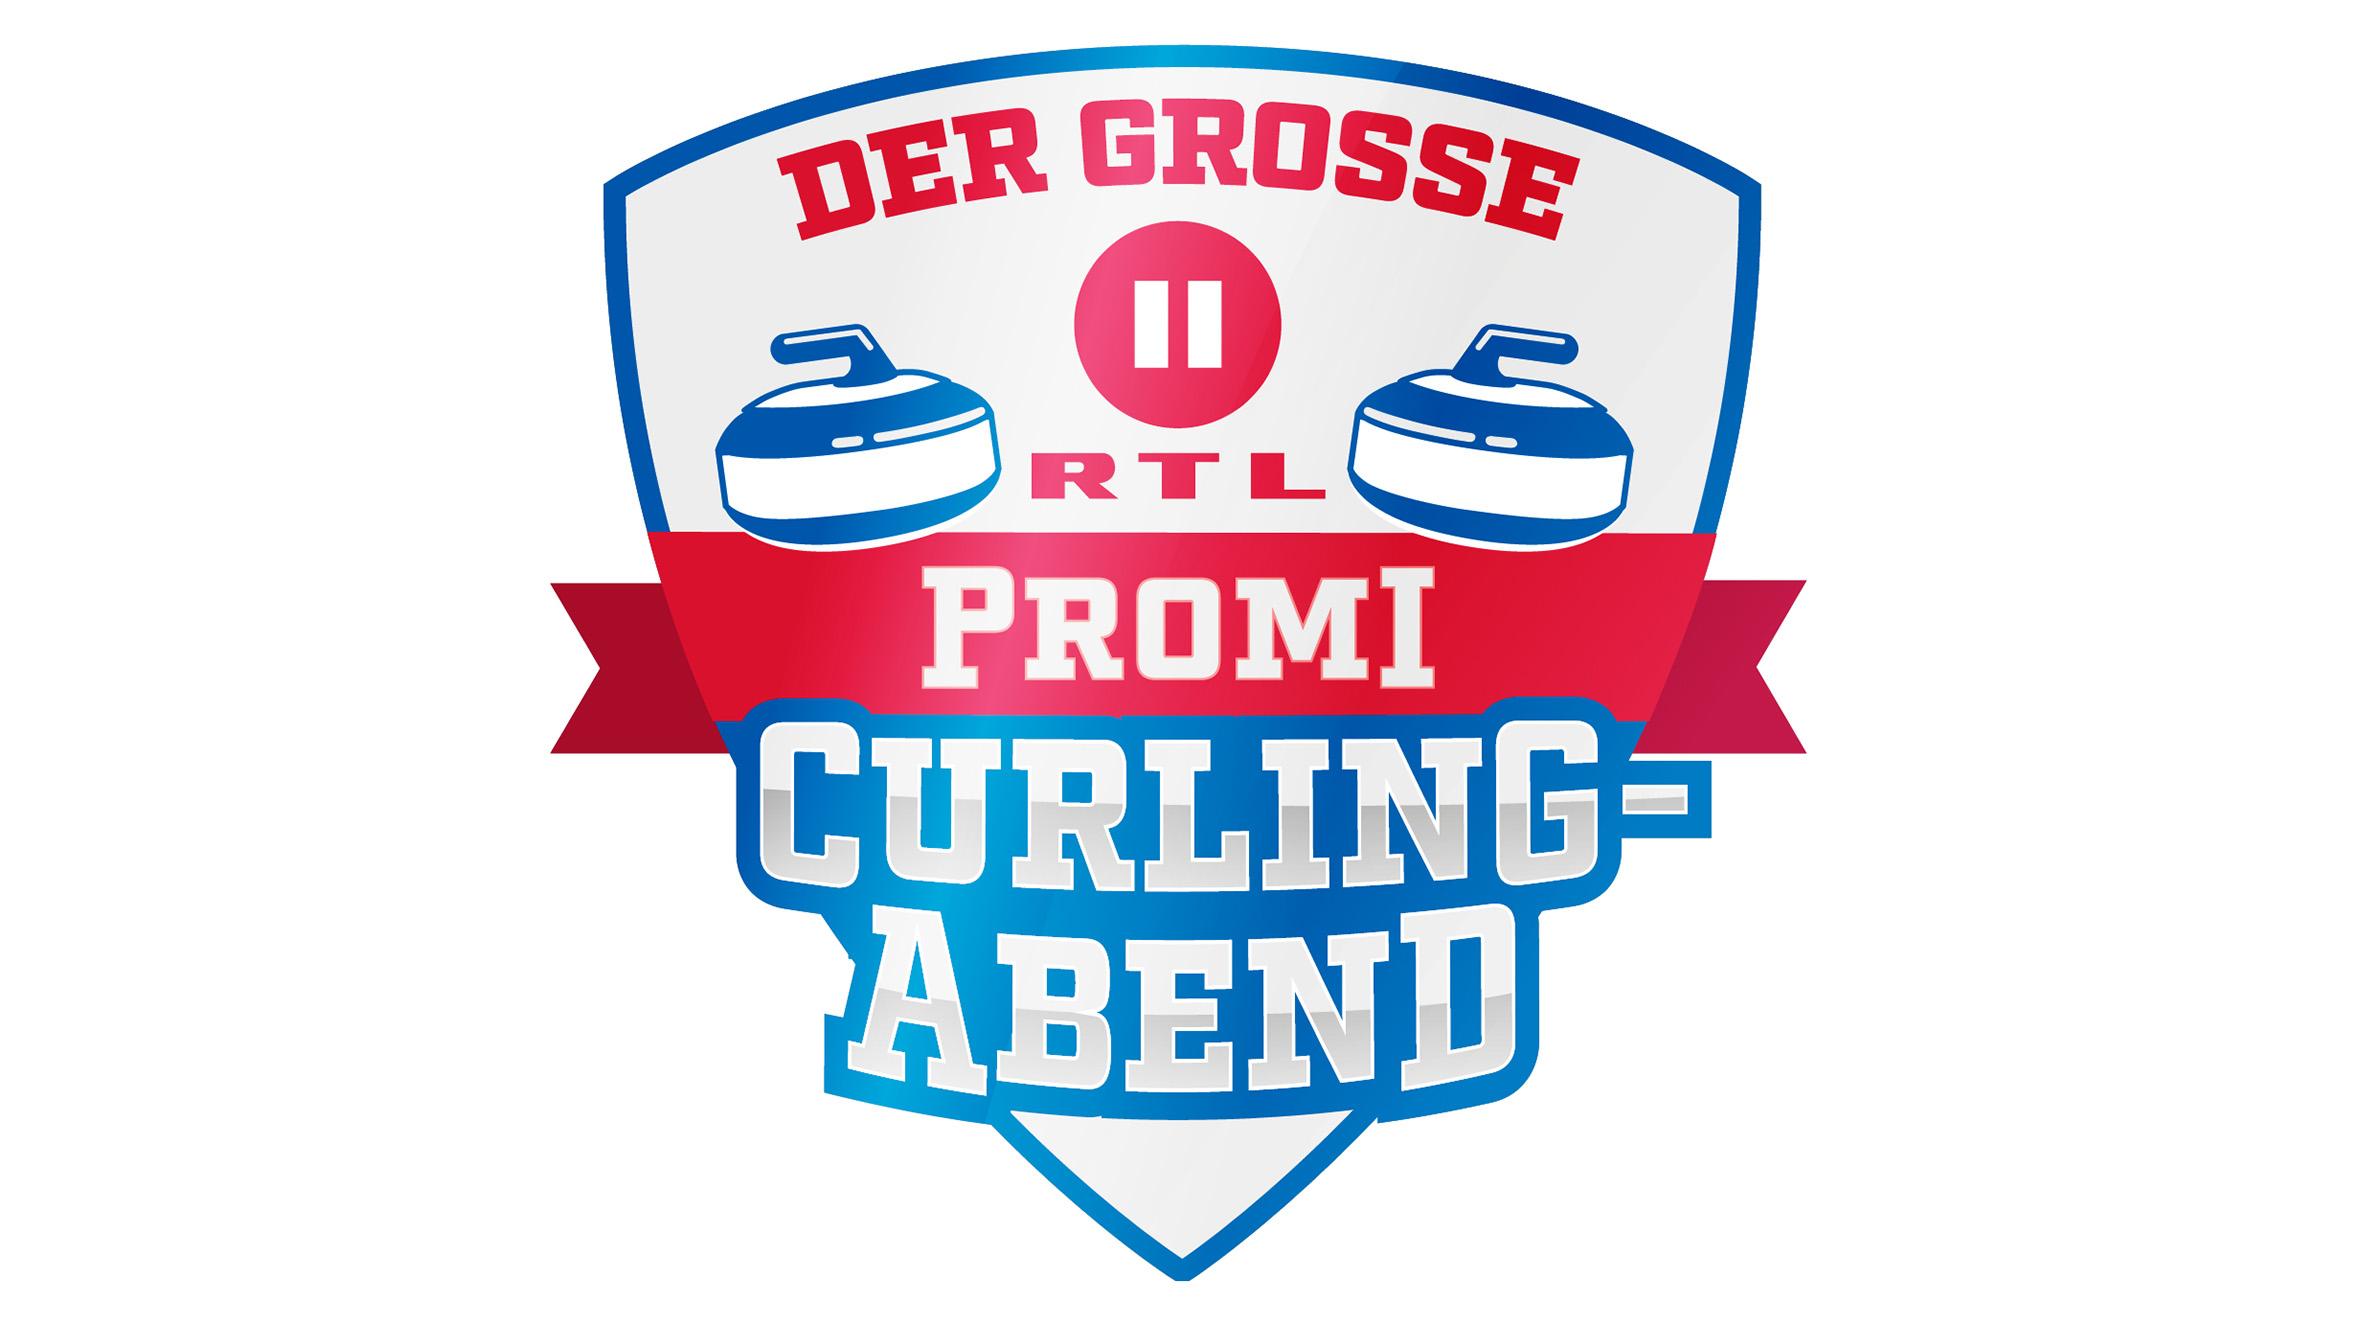 Promis stellen sich einem Curling-Wettkampf